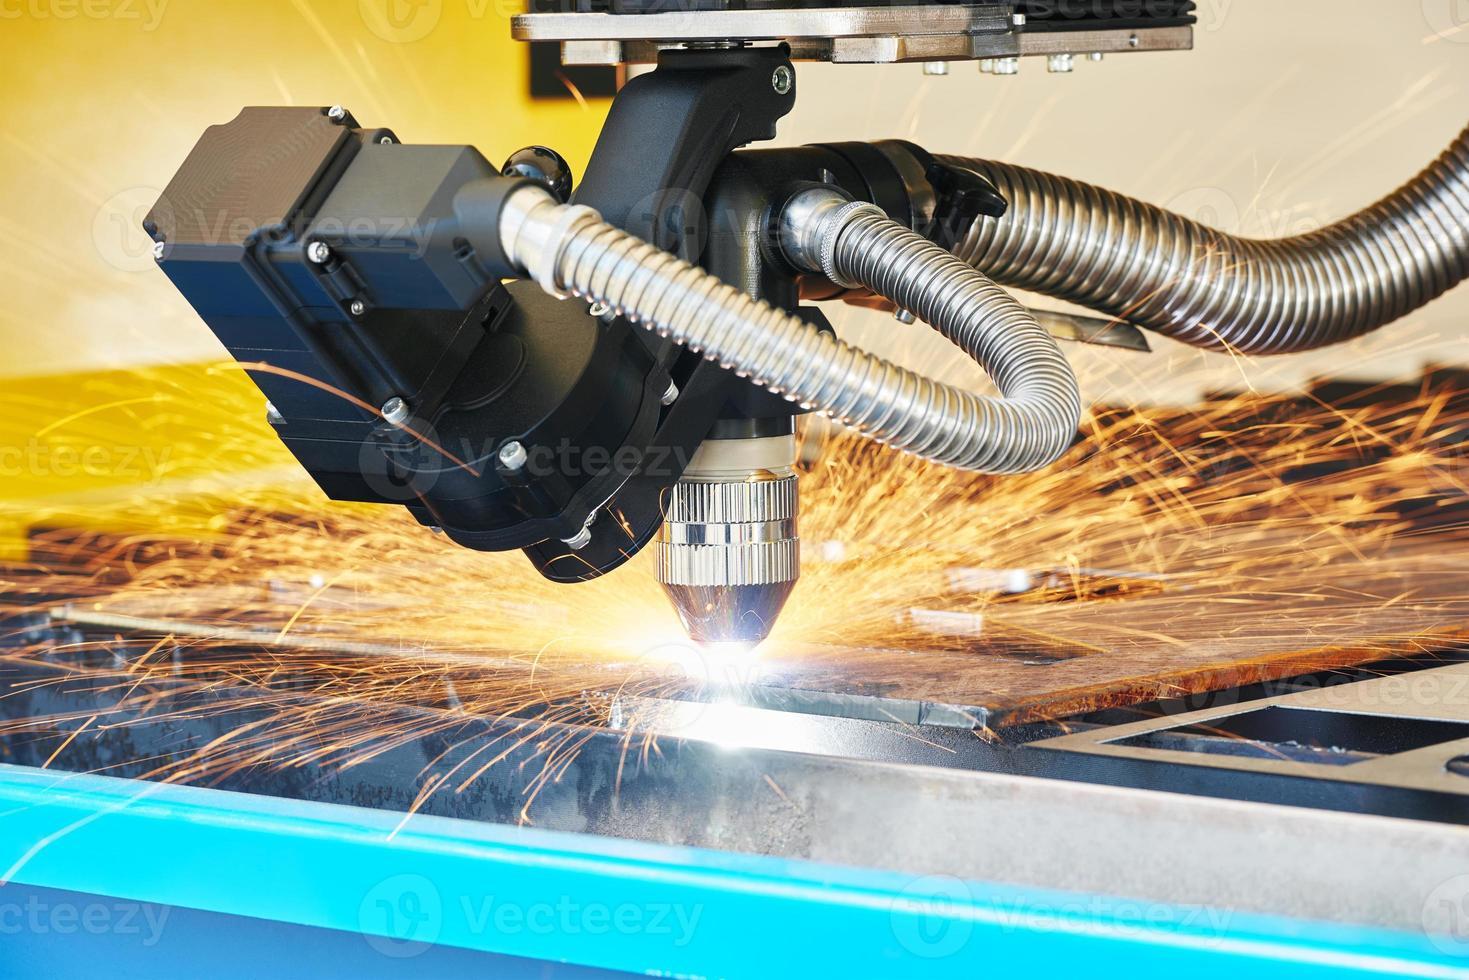 Plasma or laser cutting metalwork photo